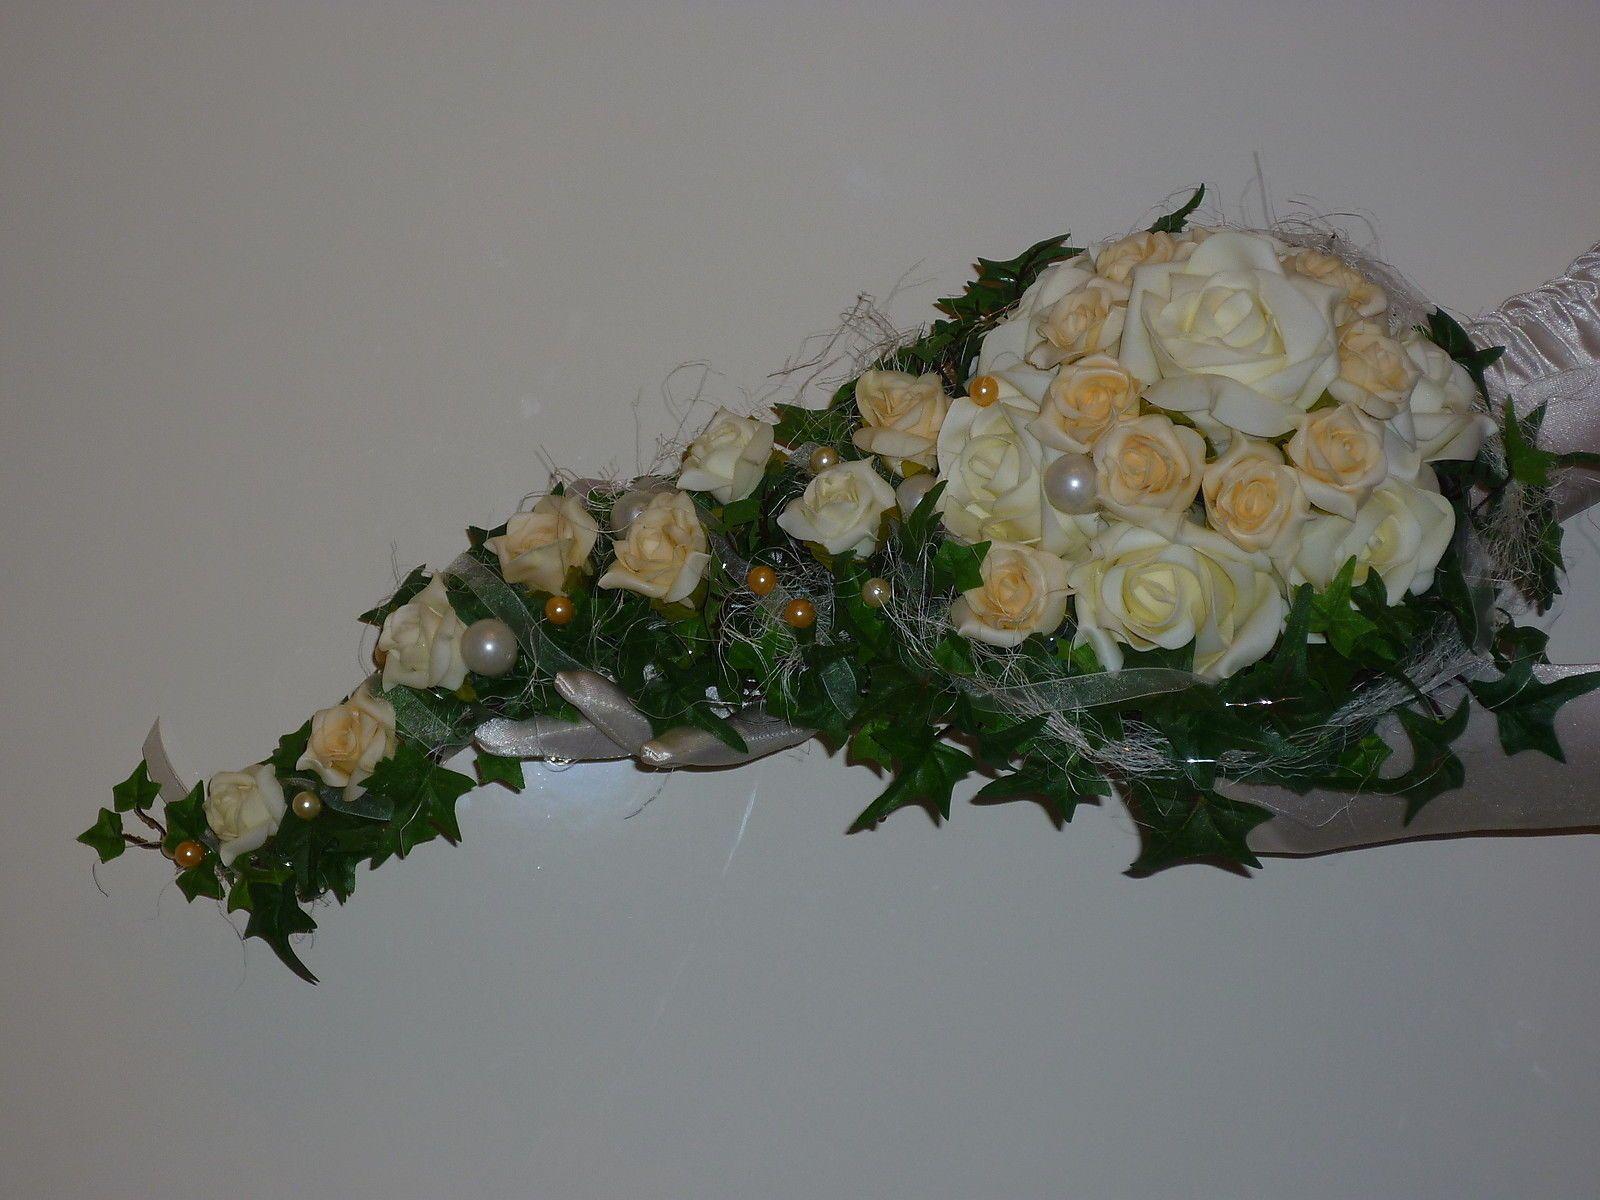 NEU BRAUTSTRAUSS edel abflieend apricot creme  HOCHZEIT  Wasserfall  eBay  Wedding